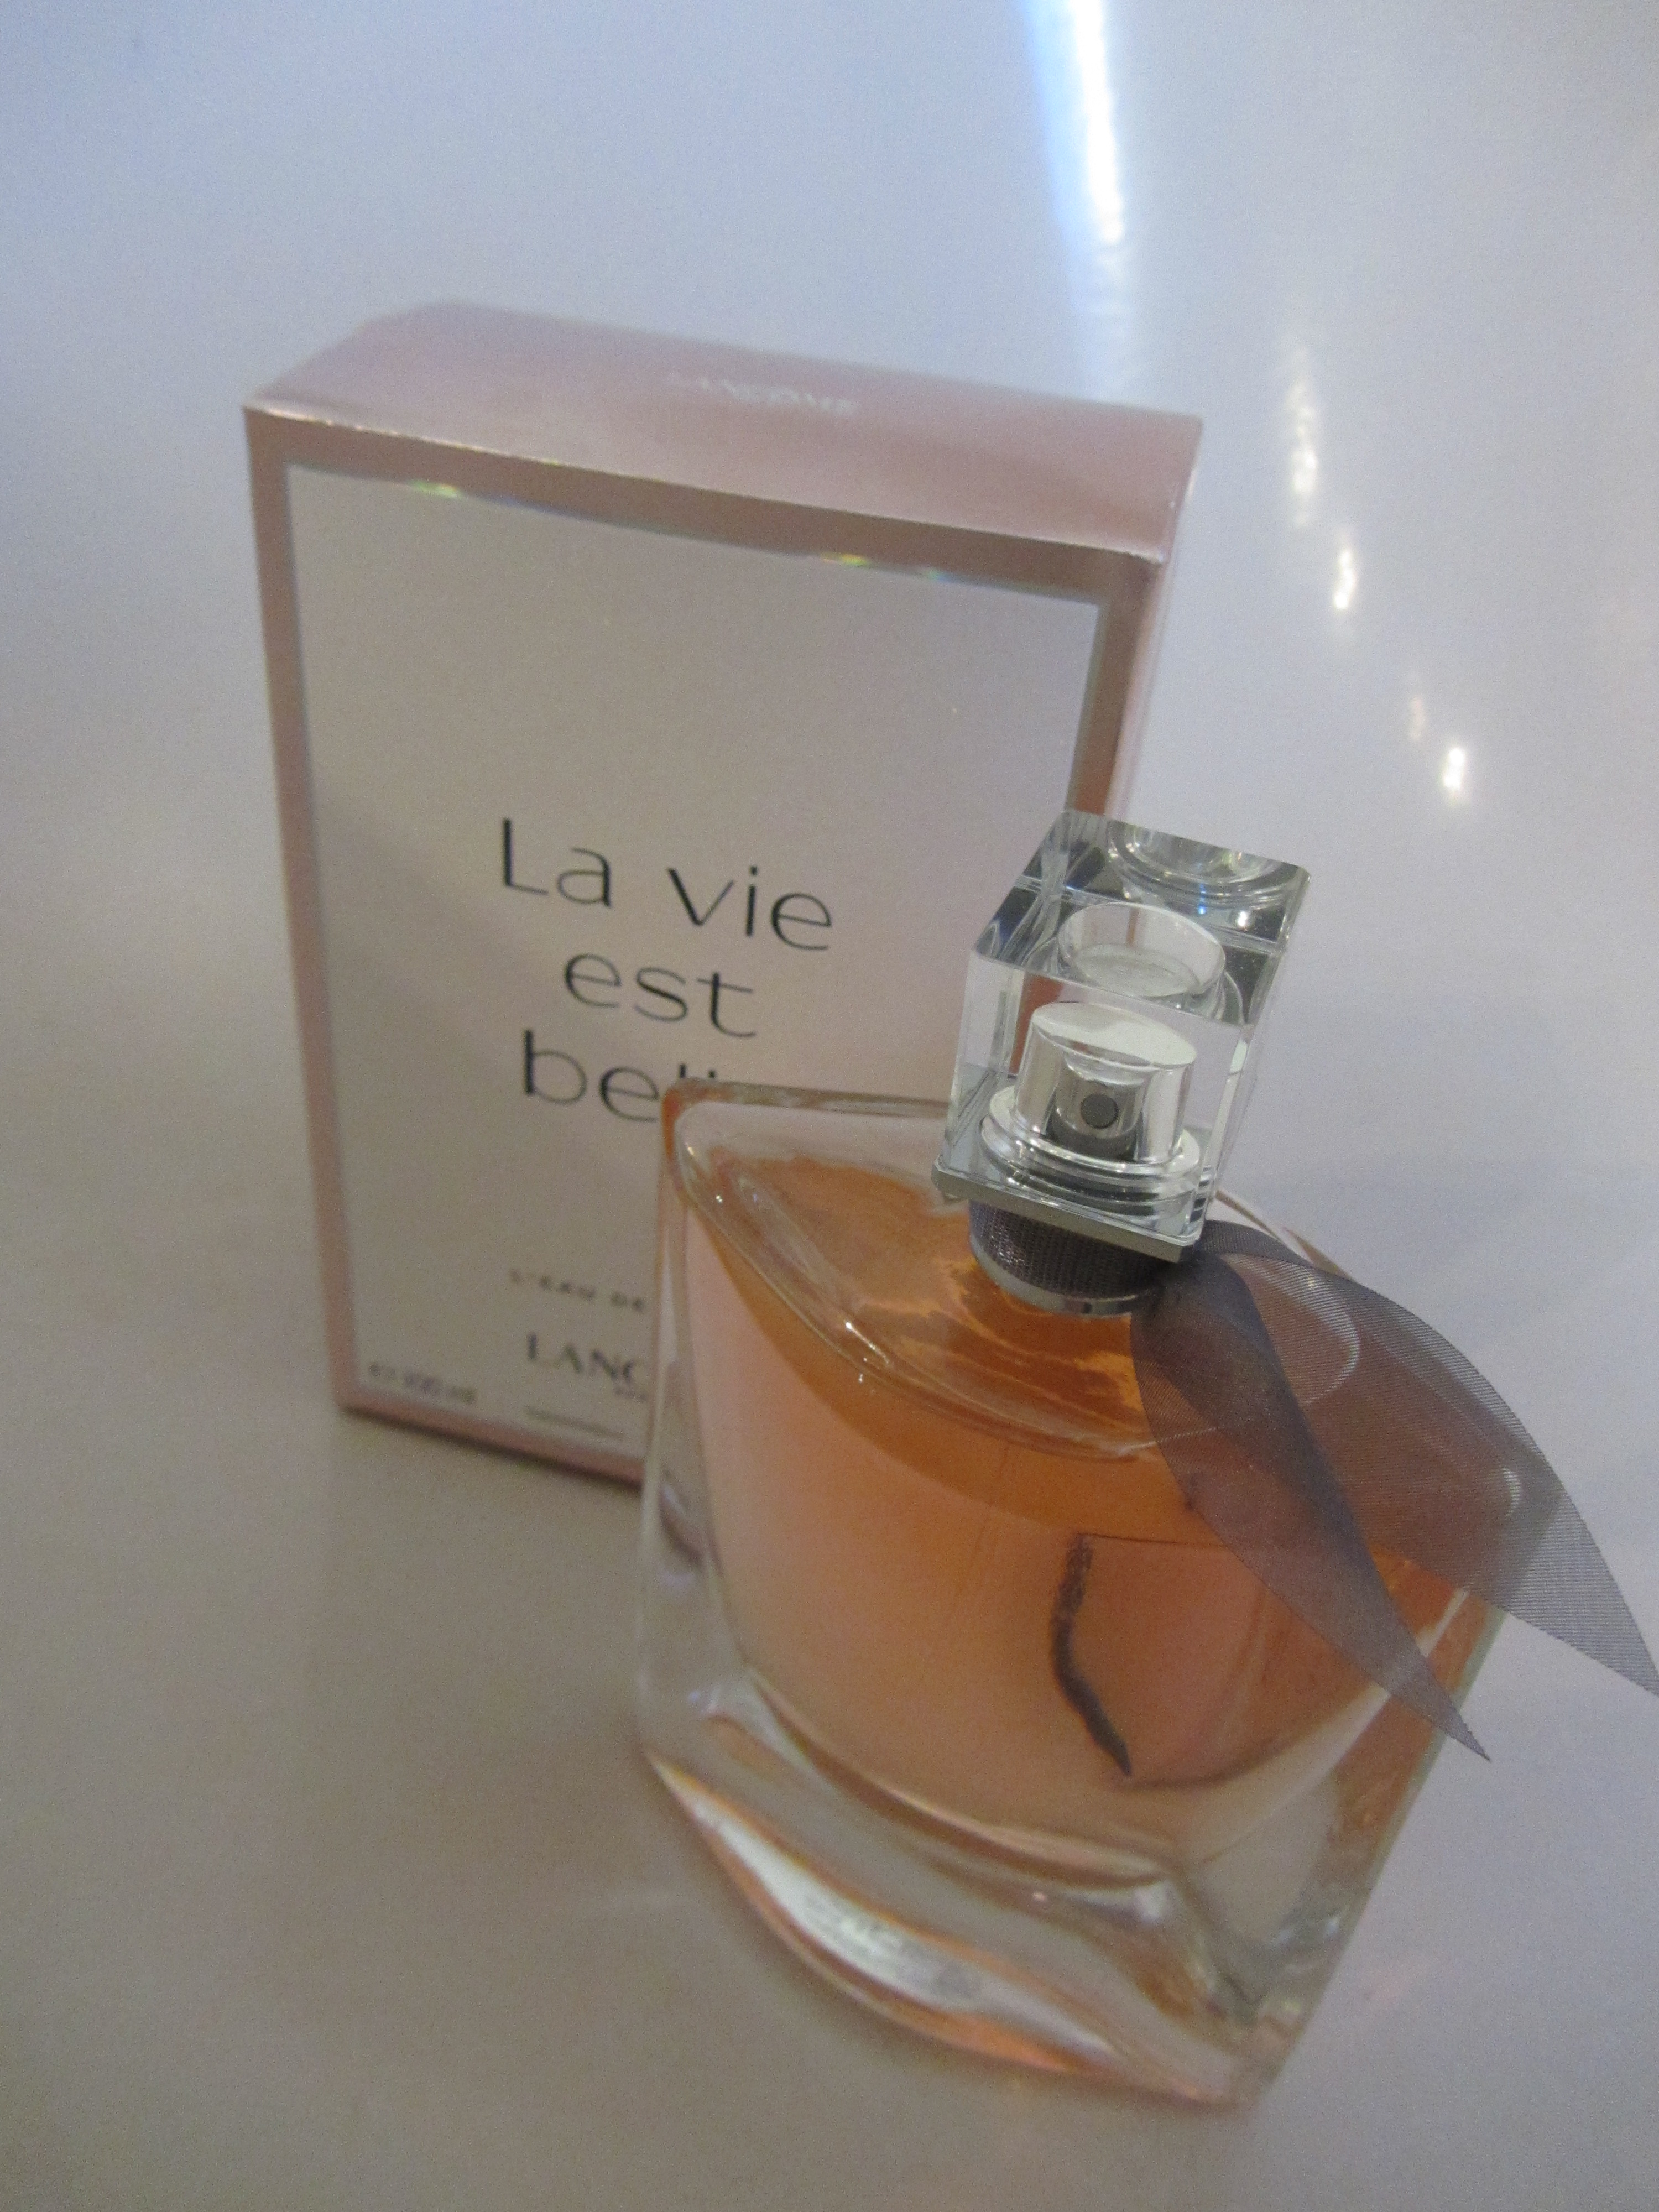 Parfums Lancôme Site Sur Acheté La De Belle Le Origines Vie Est fg76Yyvb